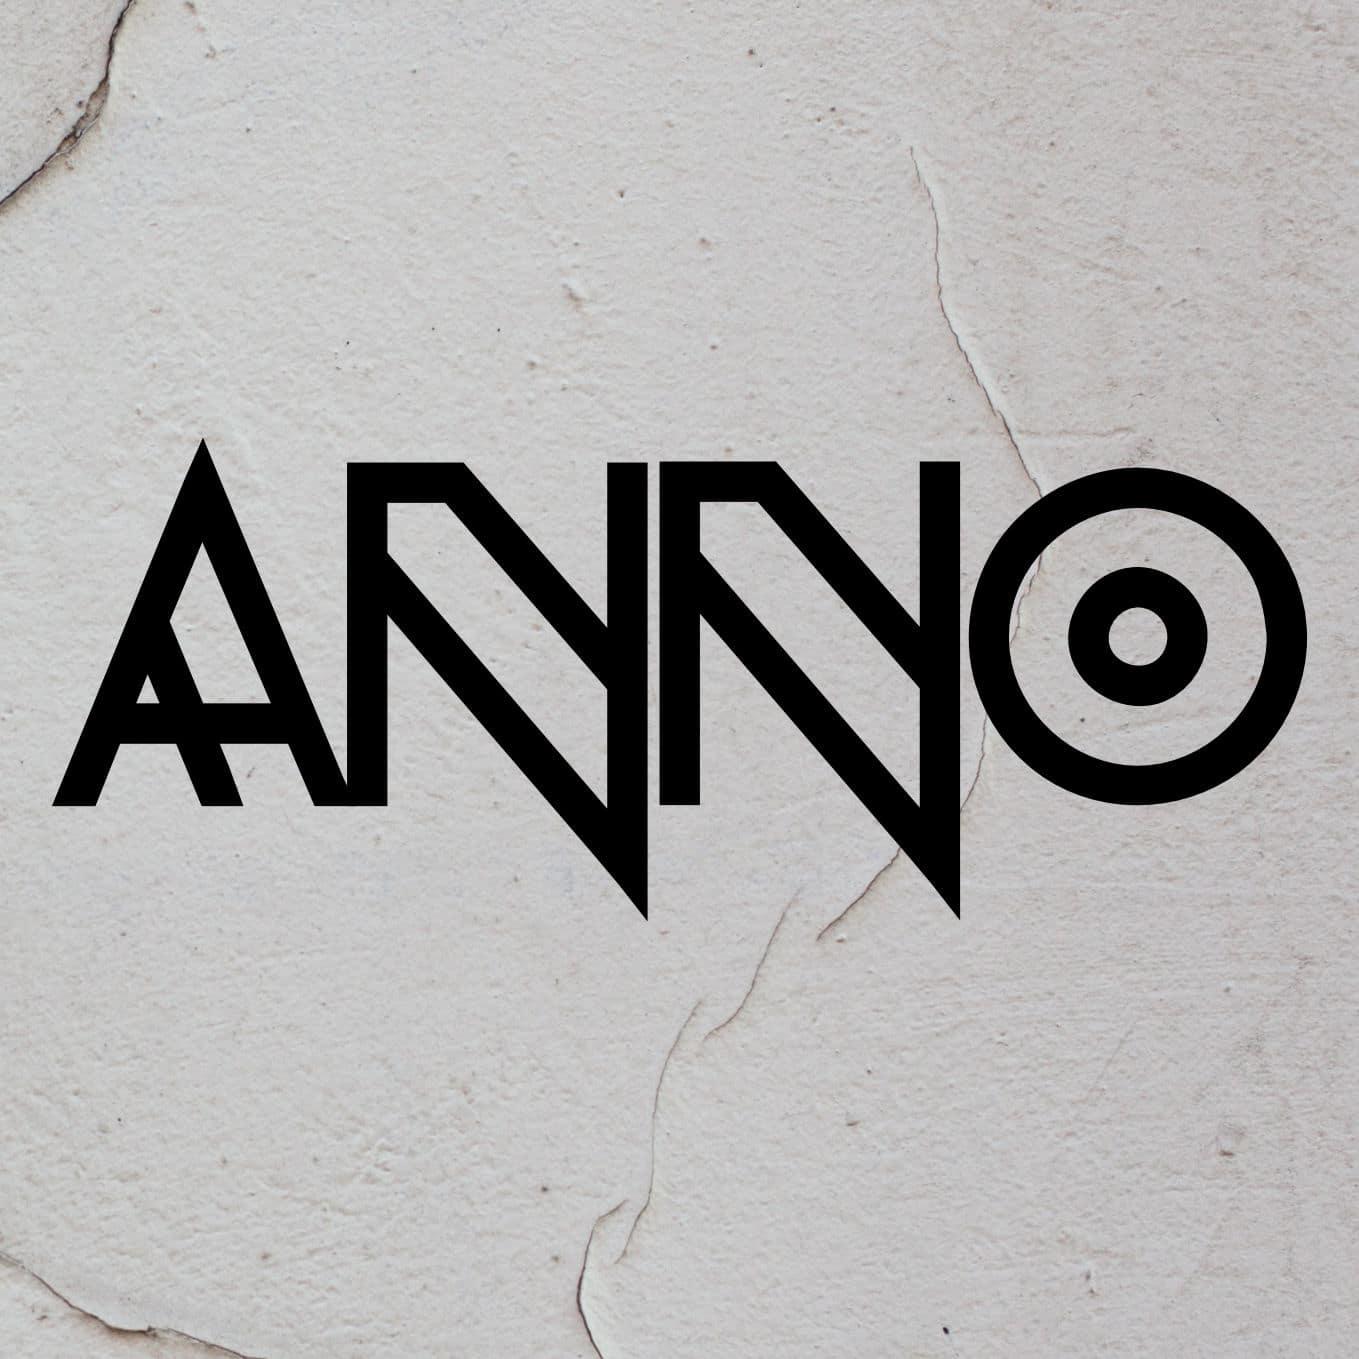 Anno-logo-taust-ruut